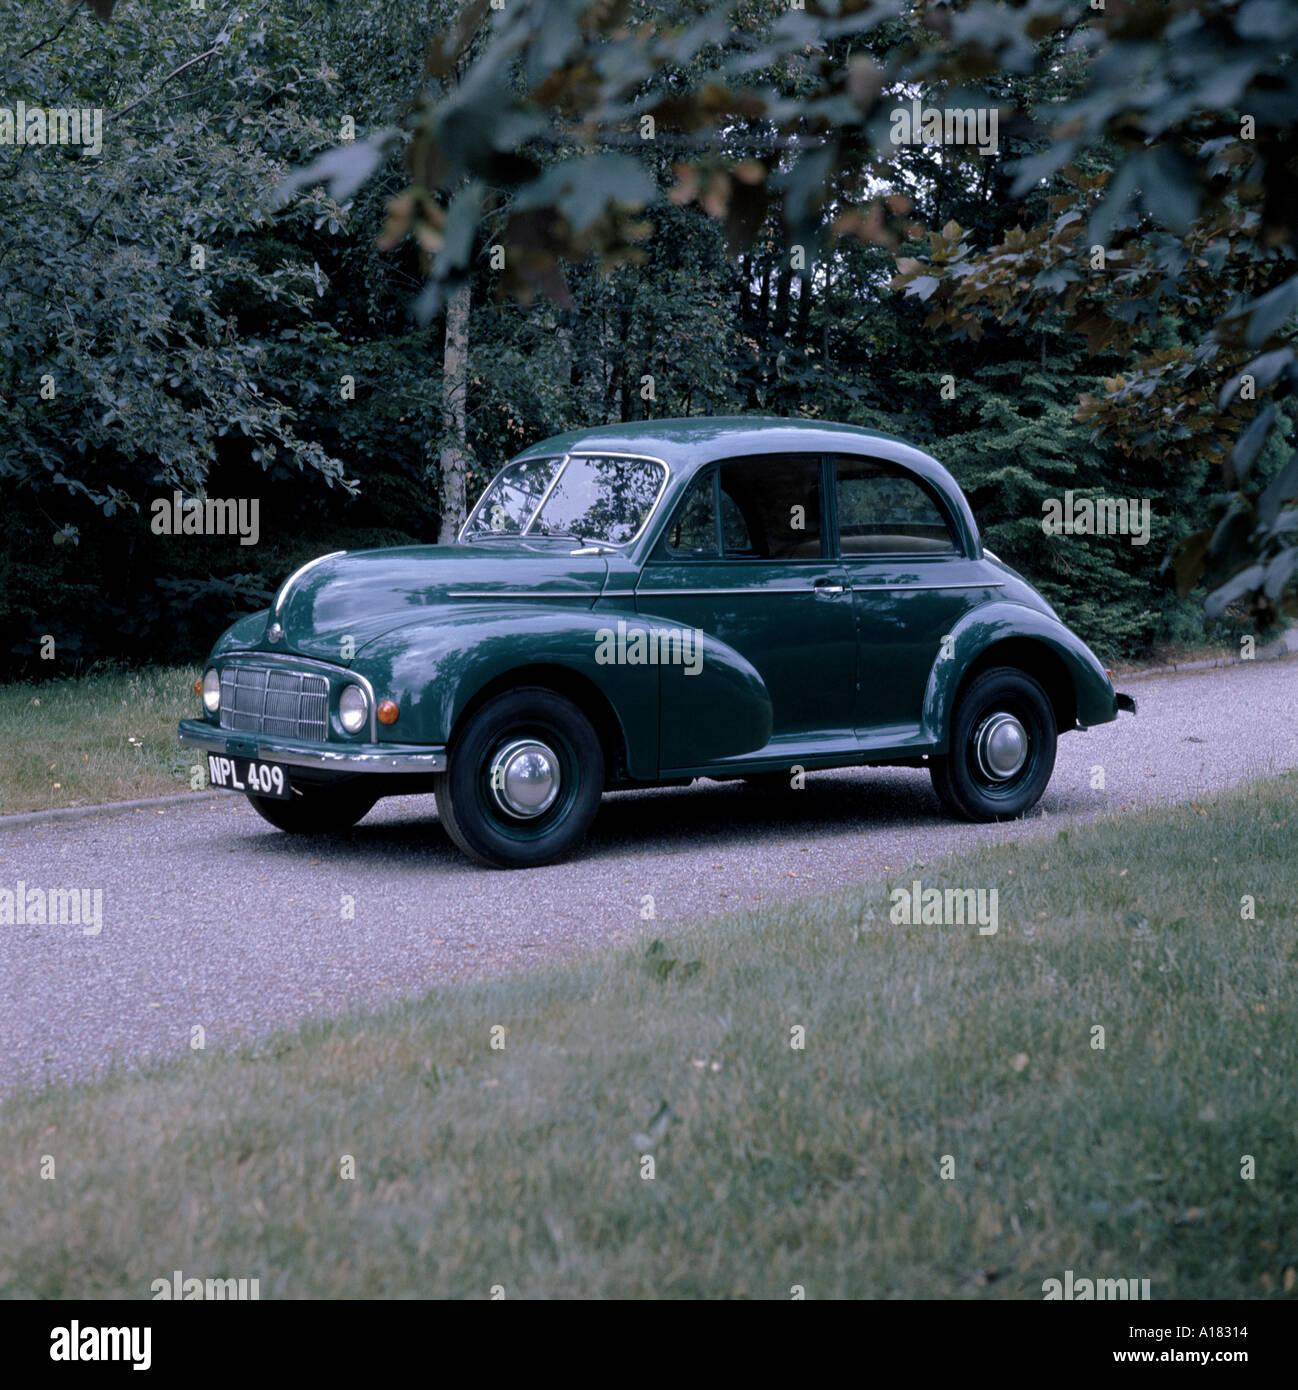 GPI 50MM ALUMINUM RADIATOR MORRIS MINOR 1000 948//1098 1955-1971